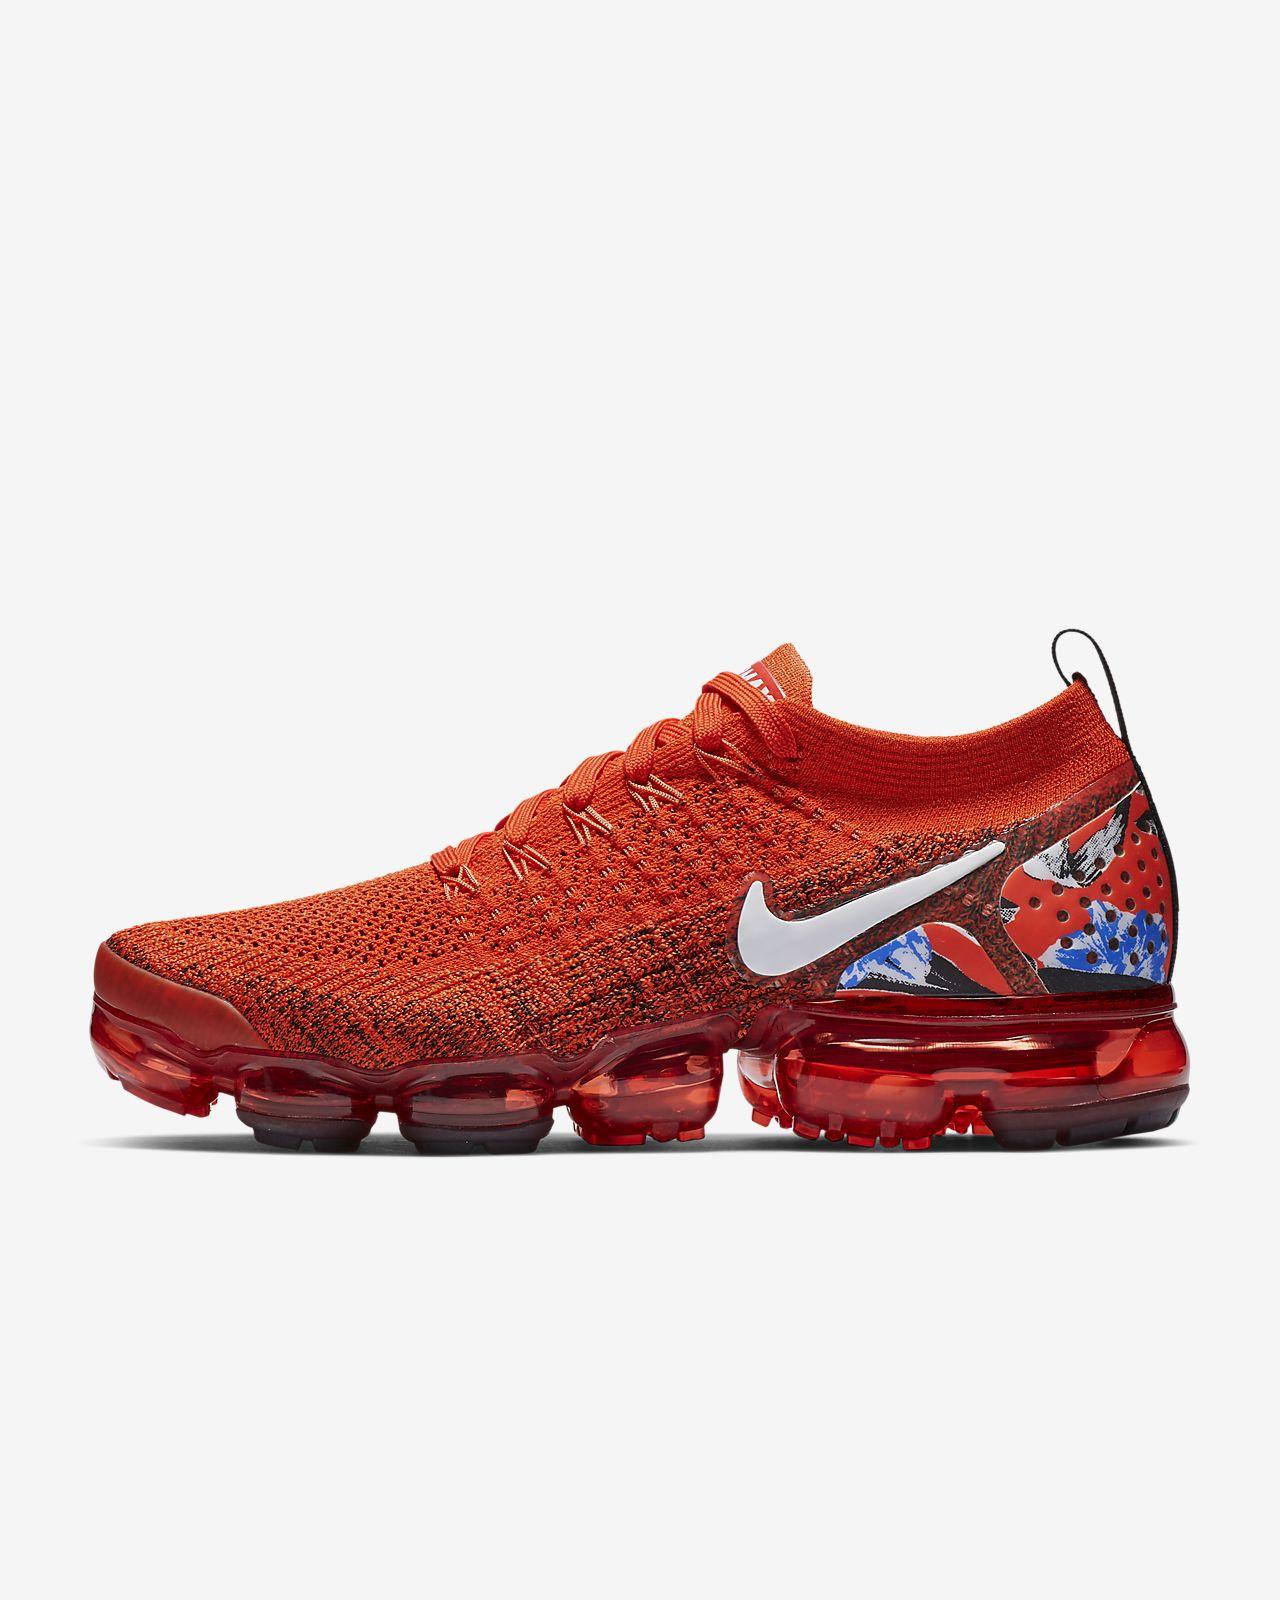 be04802d10ab Nike Air VaporMax Flyknit 2 Women s Shoe. Nike.com